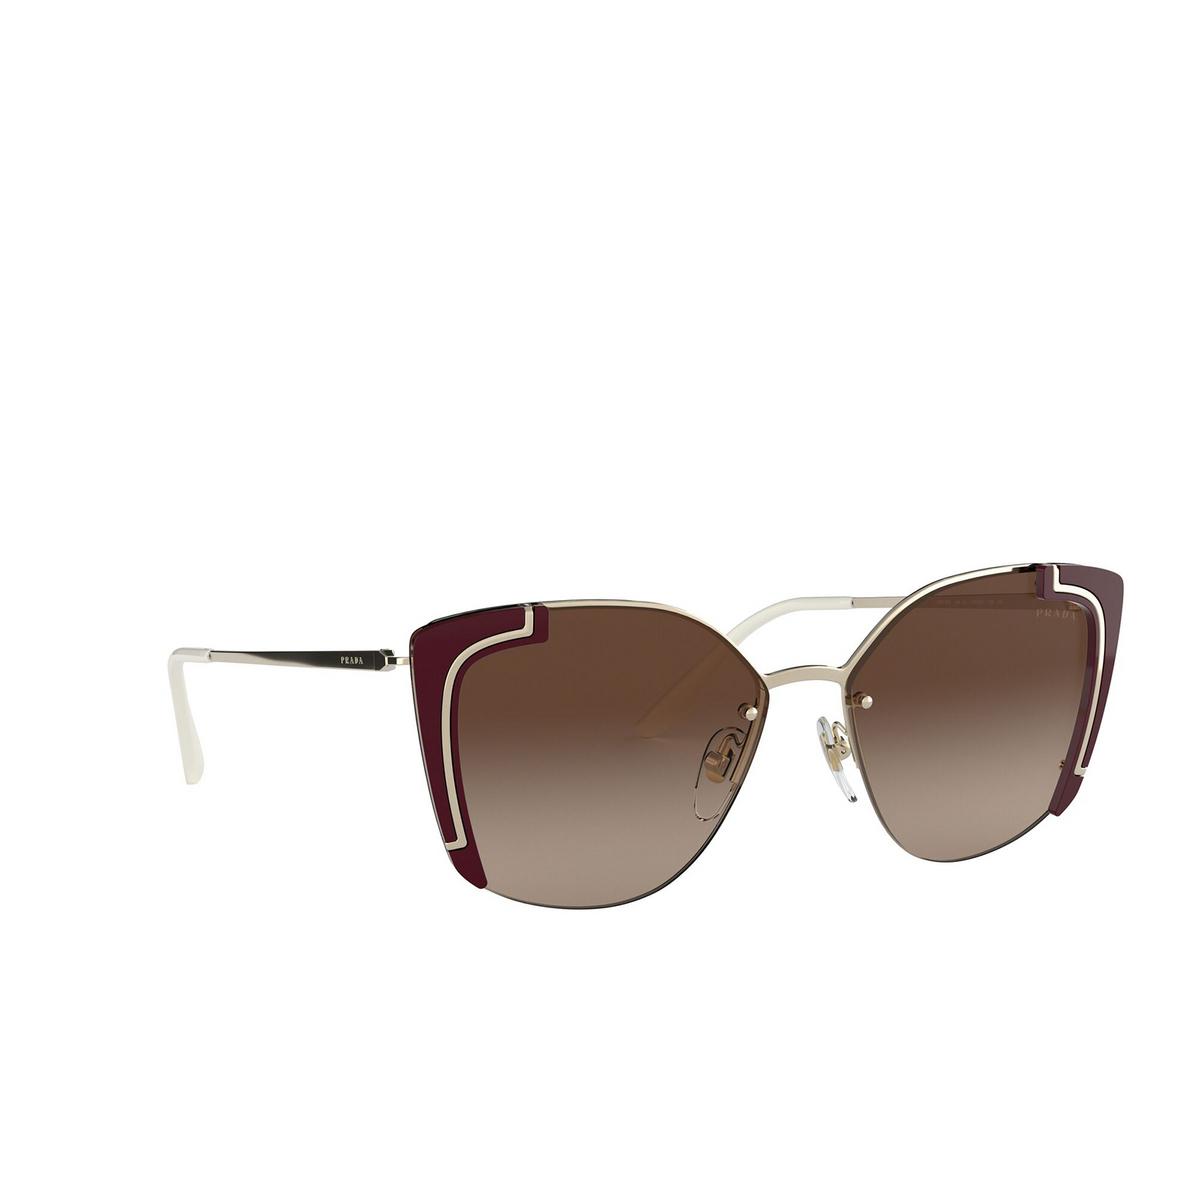 Prada® Butterfly Sunglasses: PR 59VS color Pale Gold / Bordeaux 4306S1 - three-quarters view.